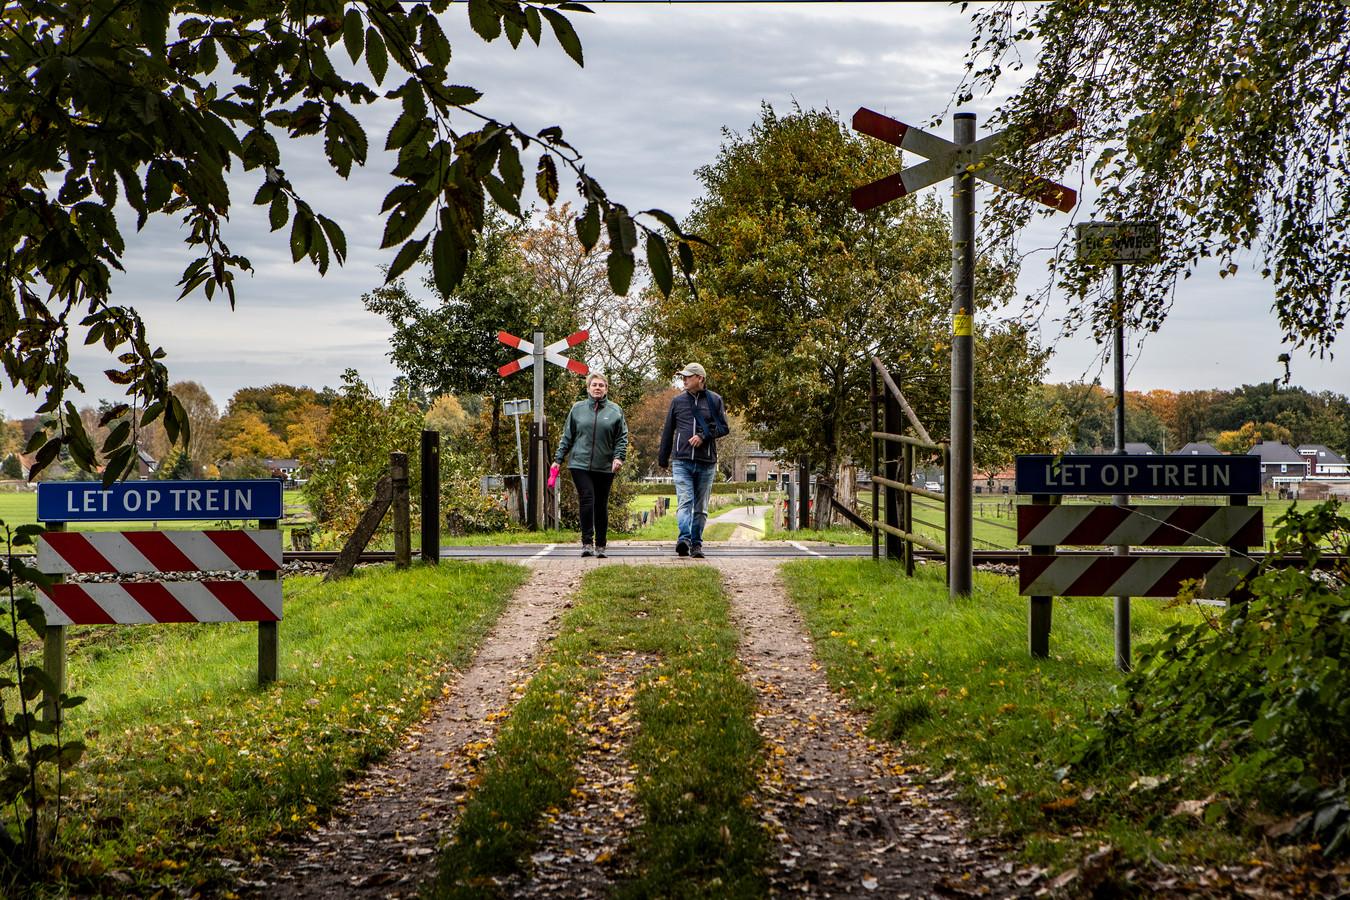 Wandelaars Sylvia Dorenbosch en Dirk Wolf bij een van de twee Diepenveense overwegen.